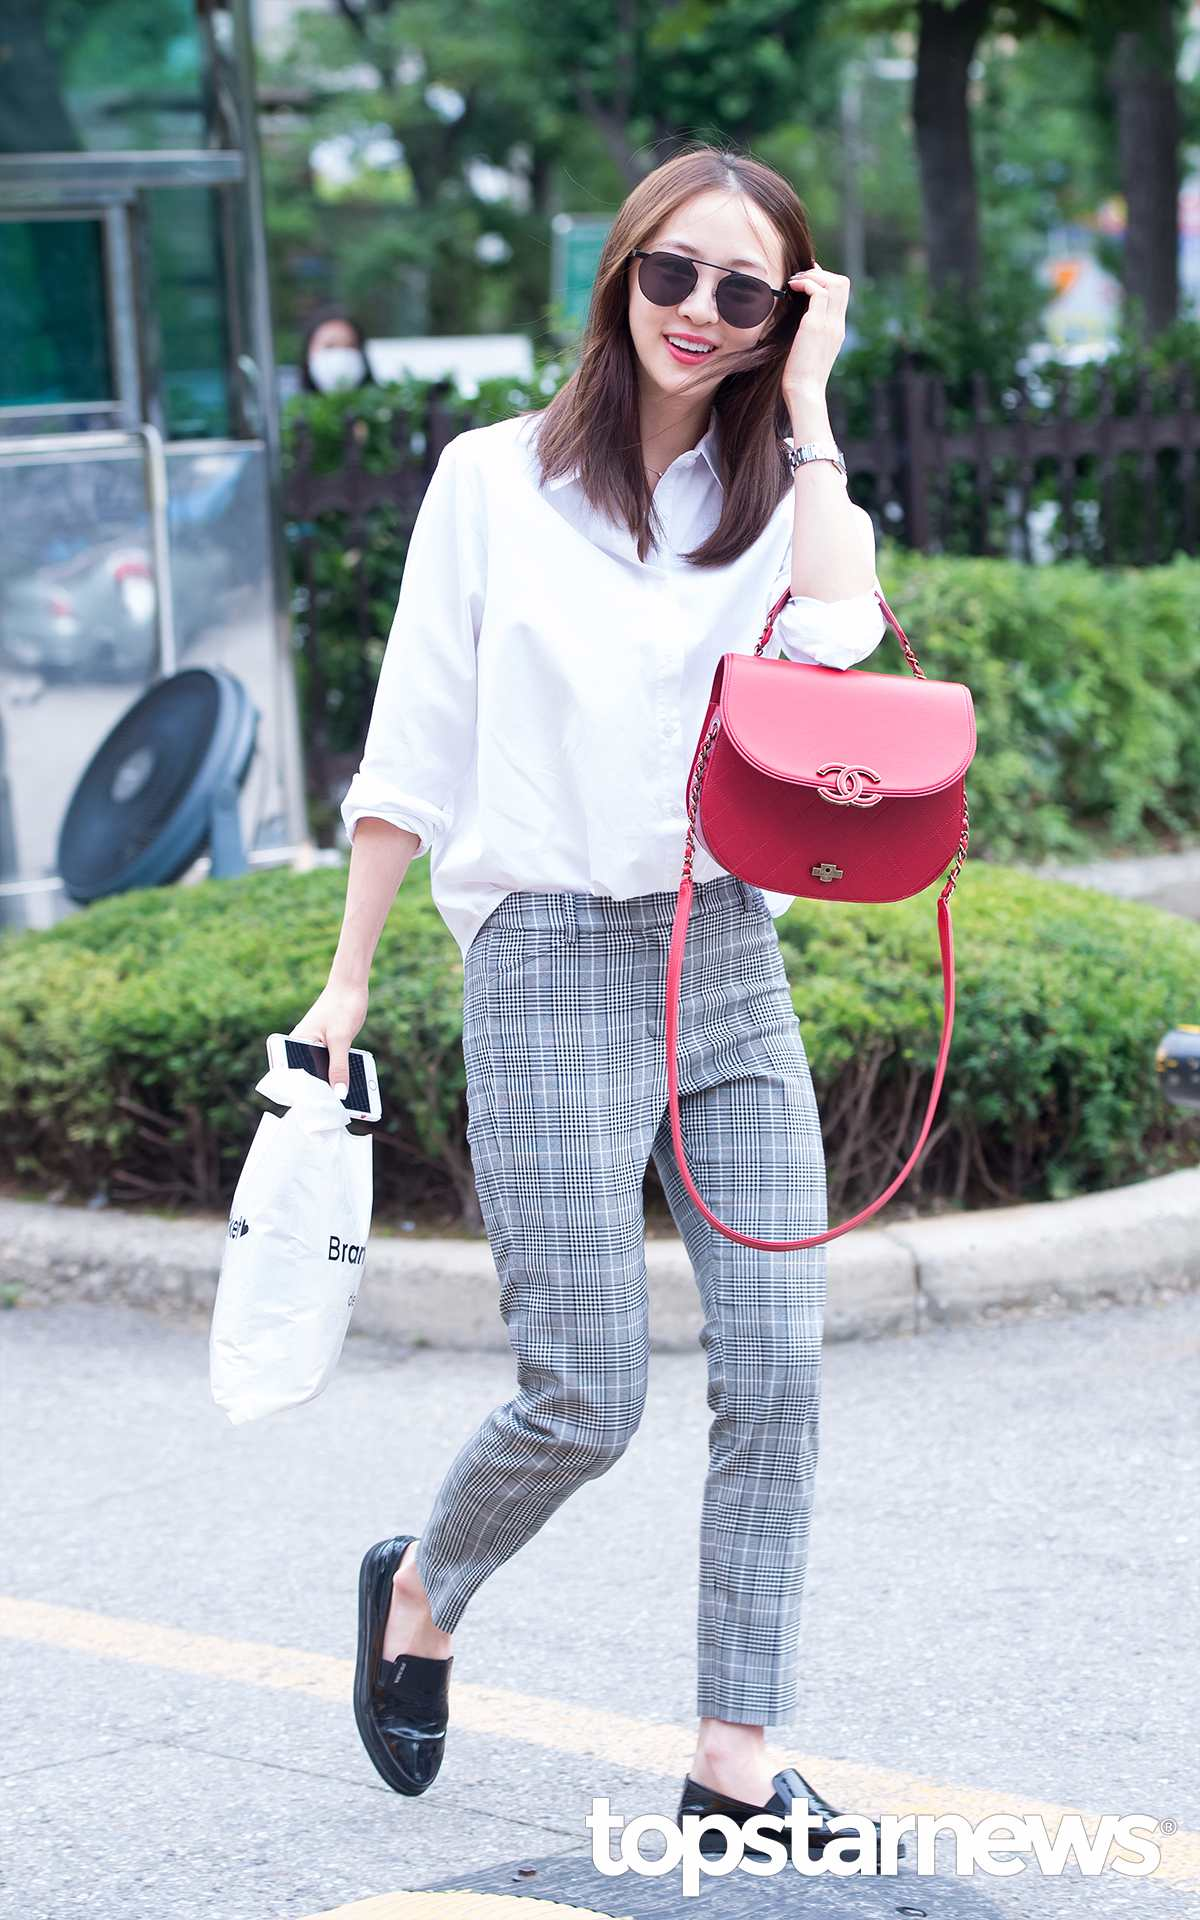 白襯衫+偏正式的西褲+樂福鞋,特別適合OL上班族。